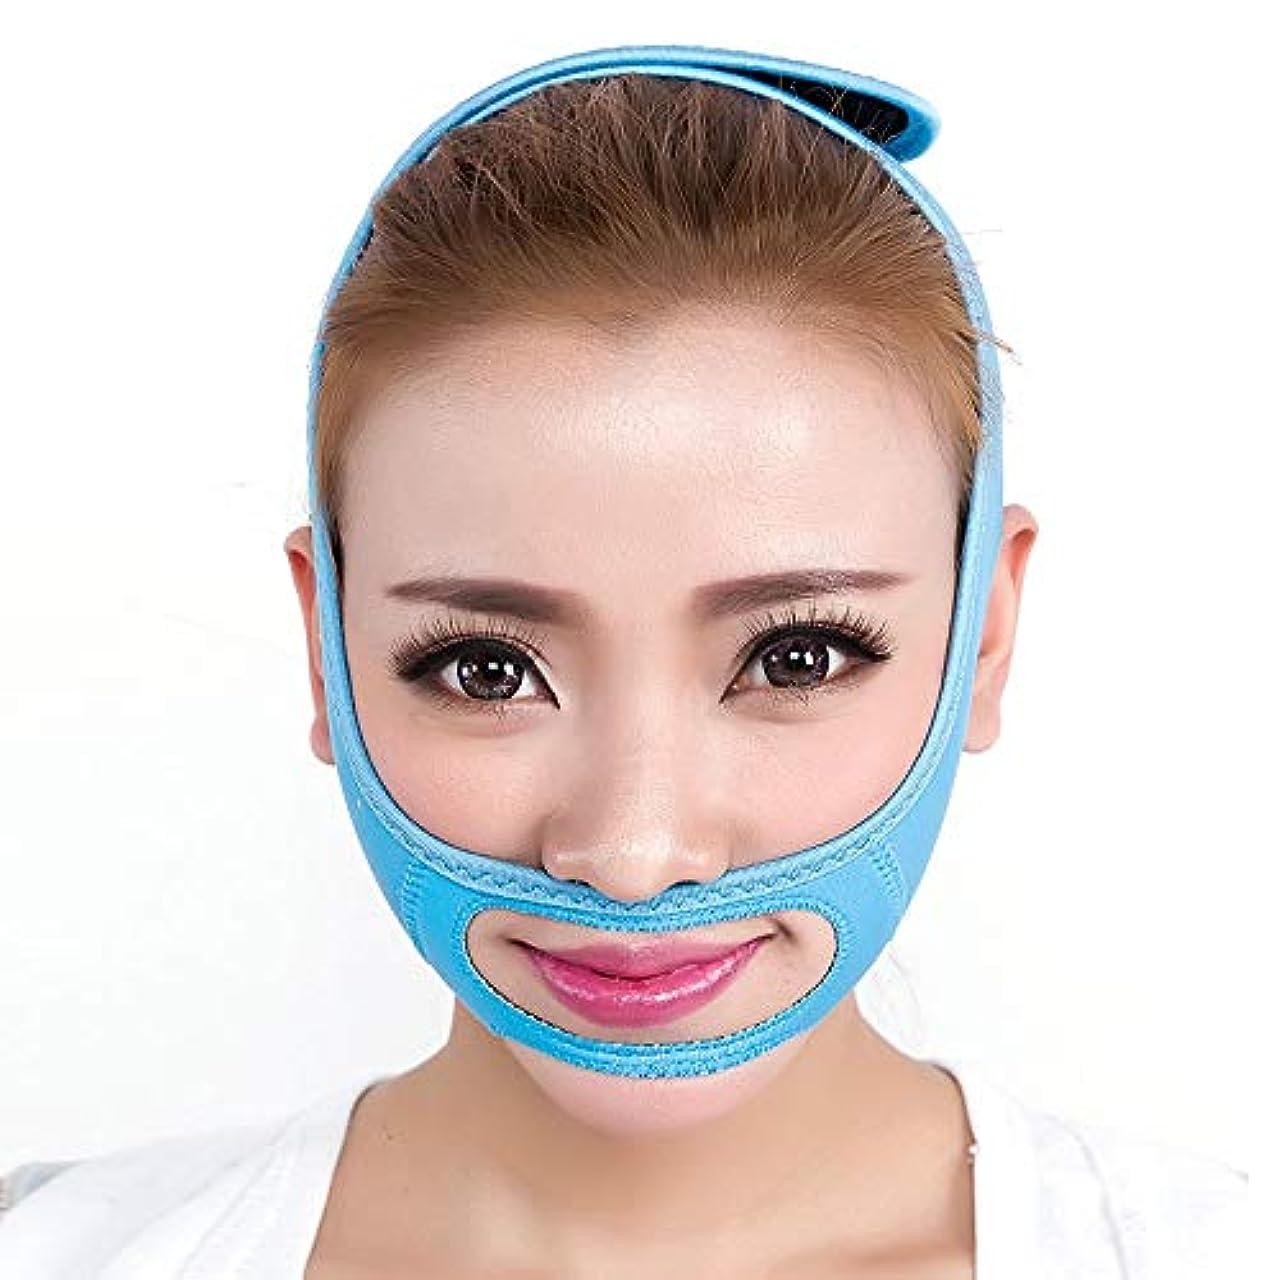 悪いバリケード挑発するMinmin シンフェイスマスクシンフェイス包帯シンフェイスアーティファクトシンフェイスフェイシャルリフティングシンフェイススモールVフェイススリープシンフェイスベルト みんみんVラインフェイスマスク (Color : B)